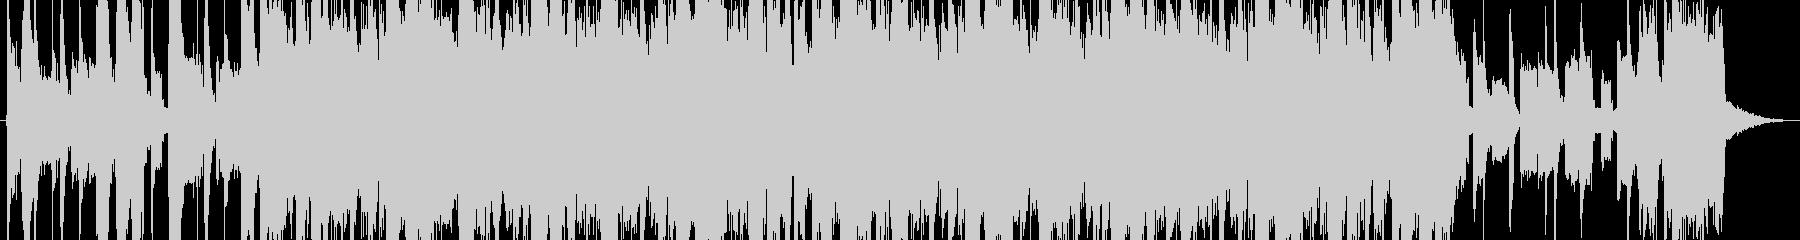 ジングル - チアリーディングの未再生の波形